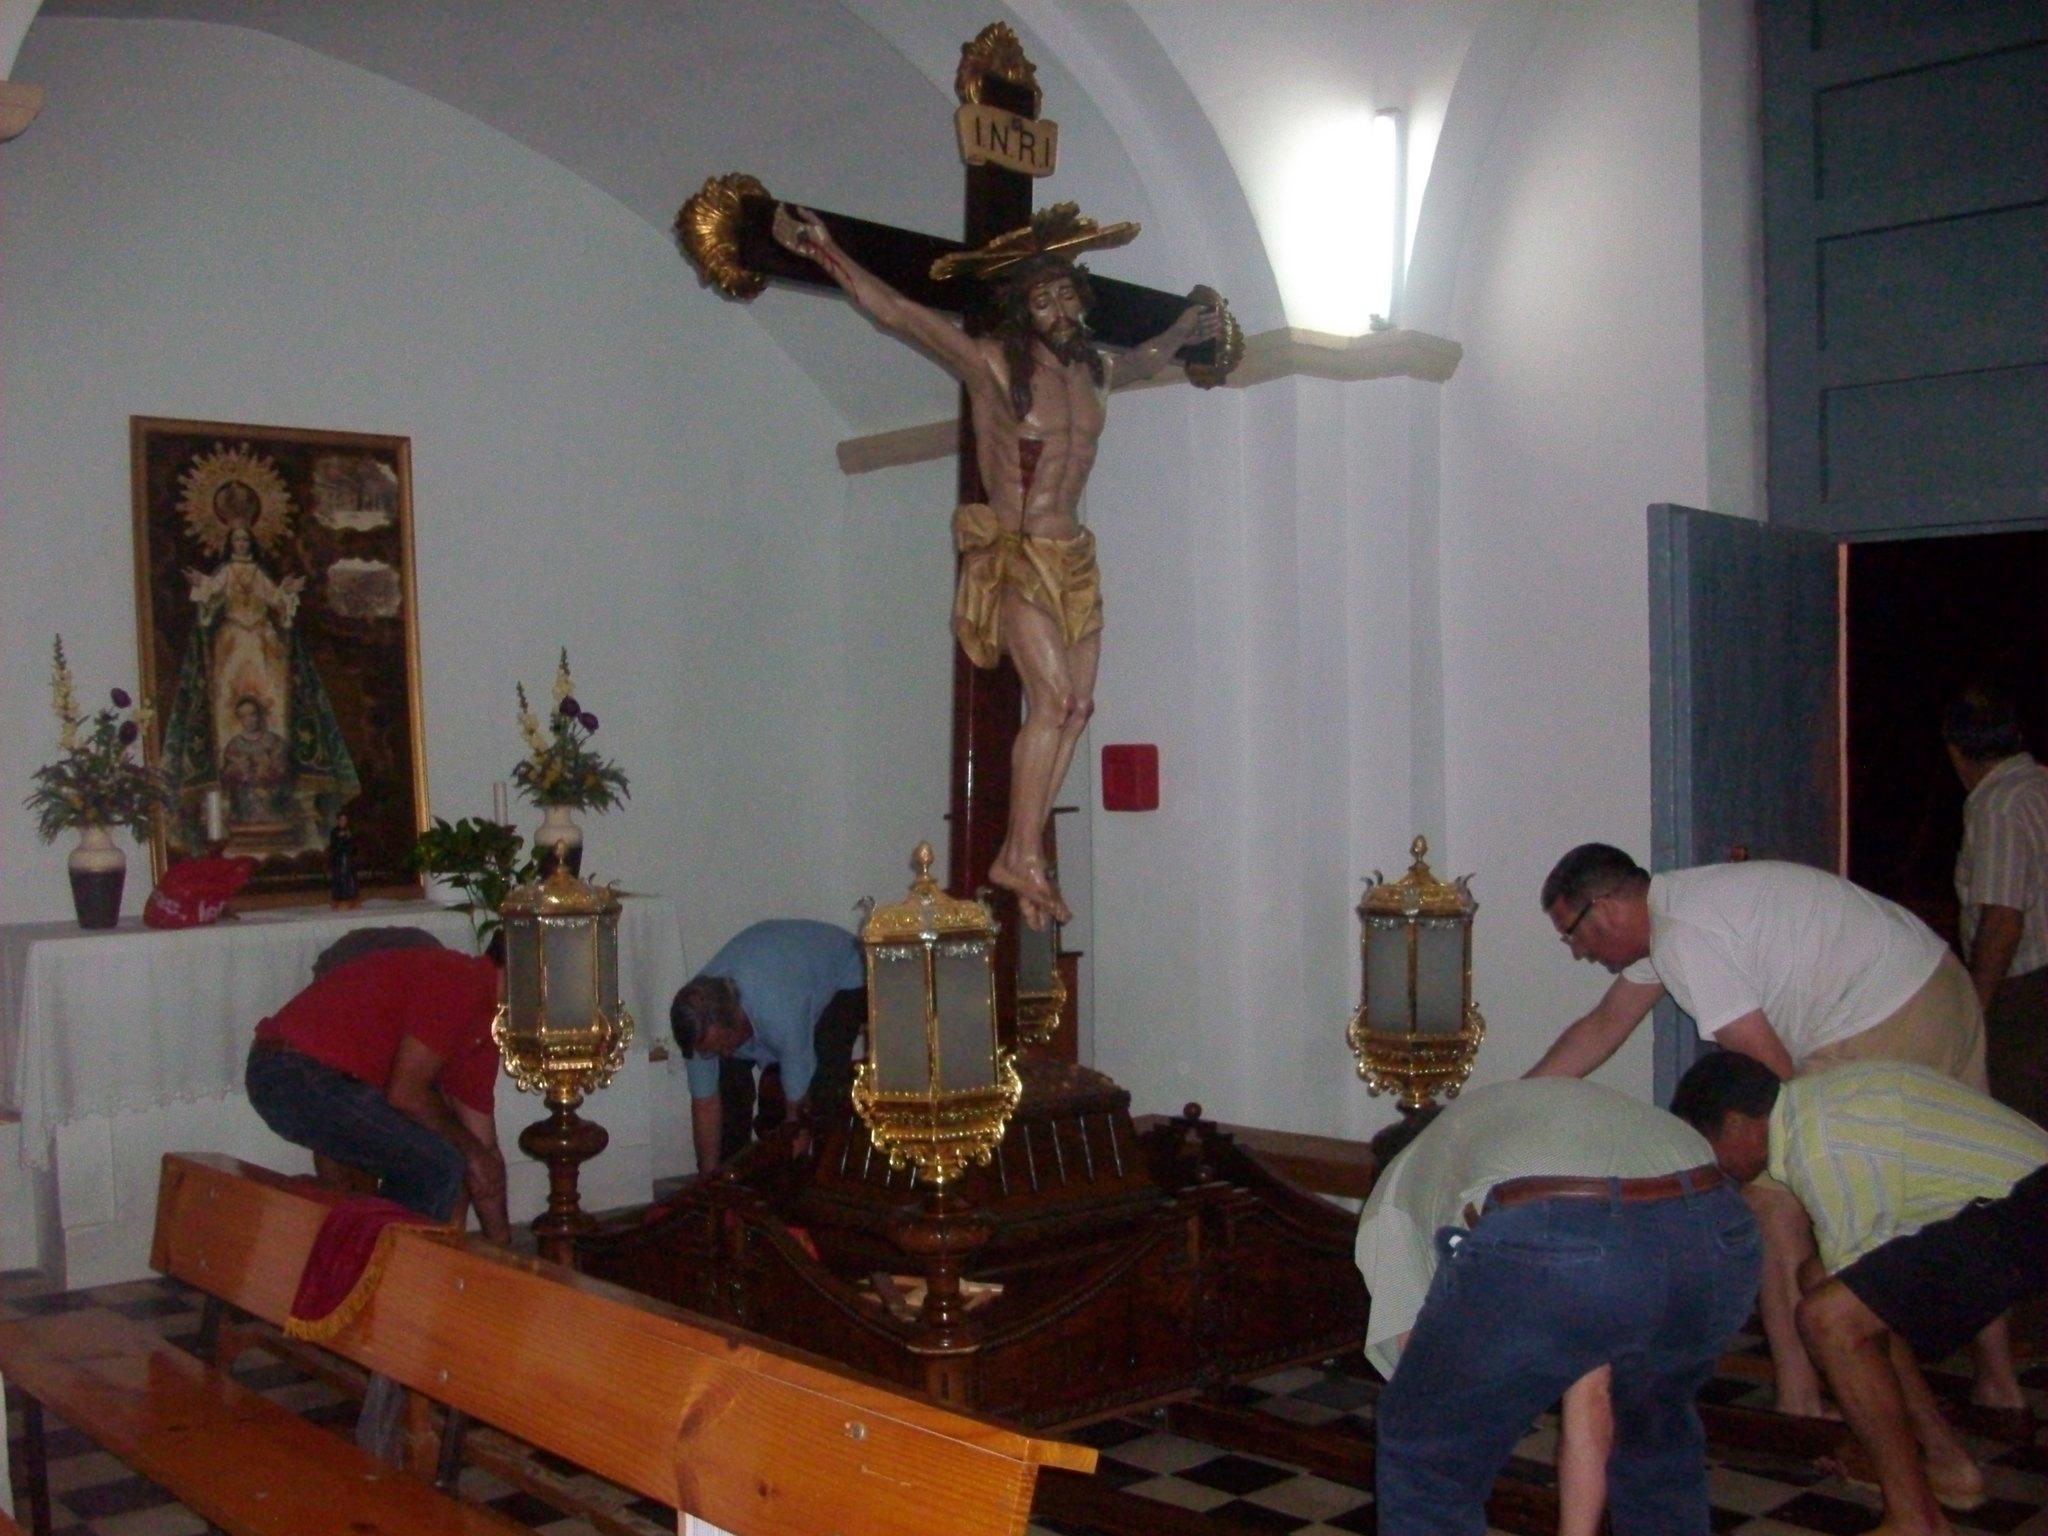 (2010-06-22) - Preparativos Imagen - Javier Romero Ripoll - (11)